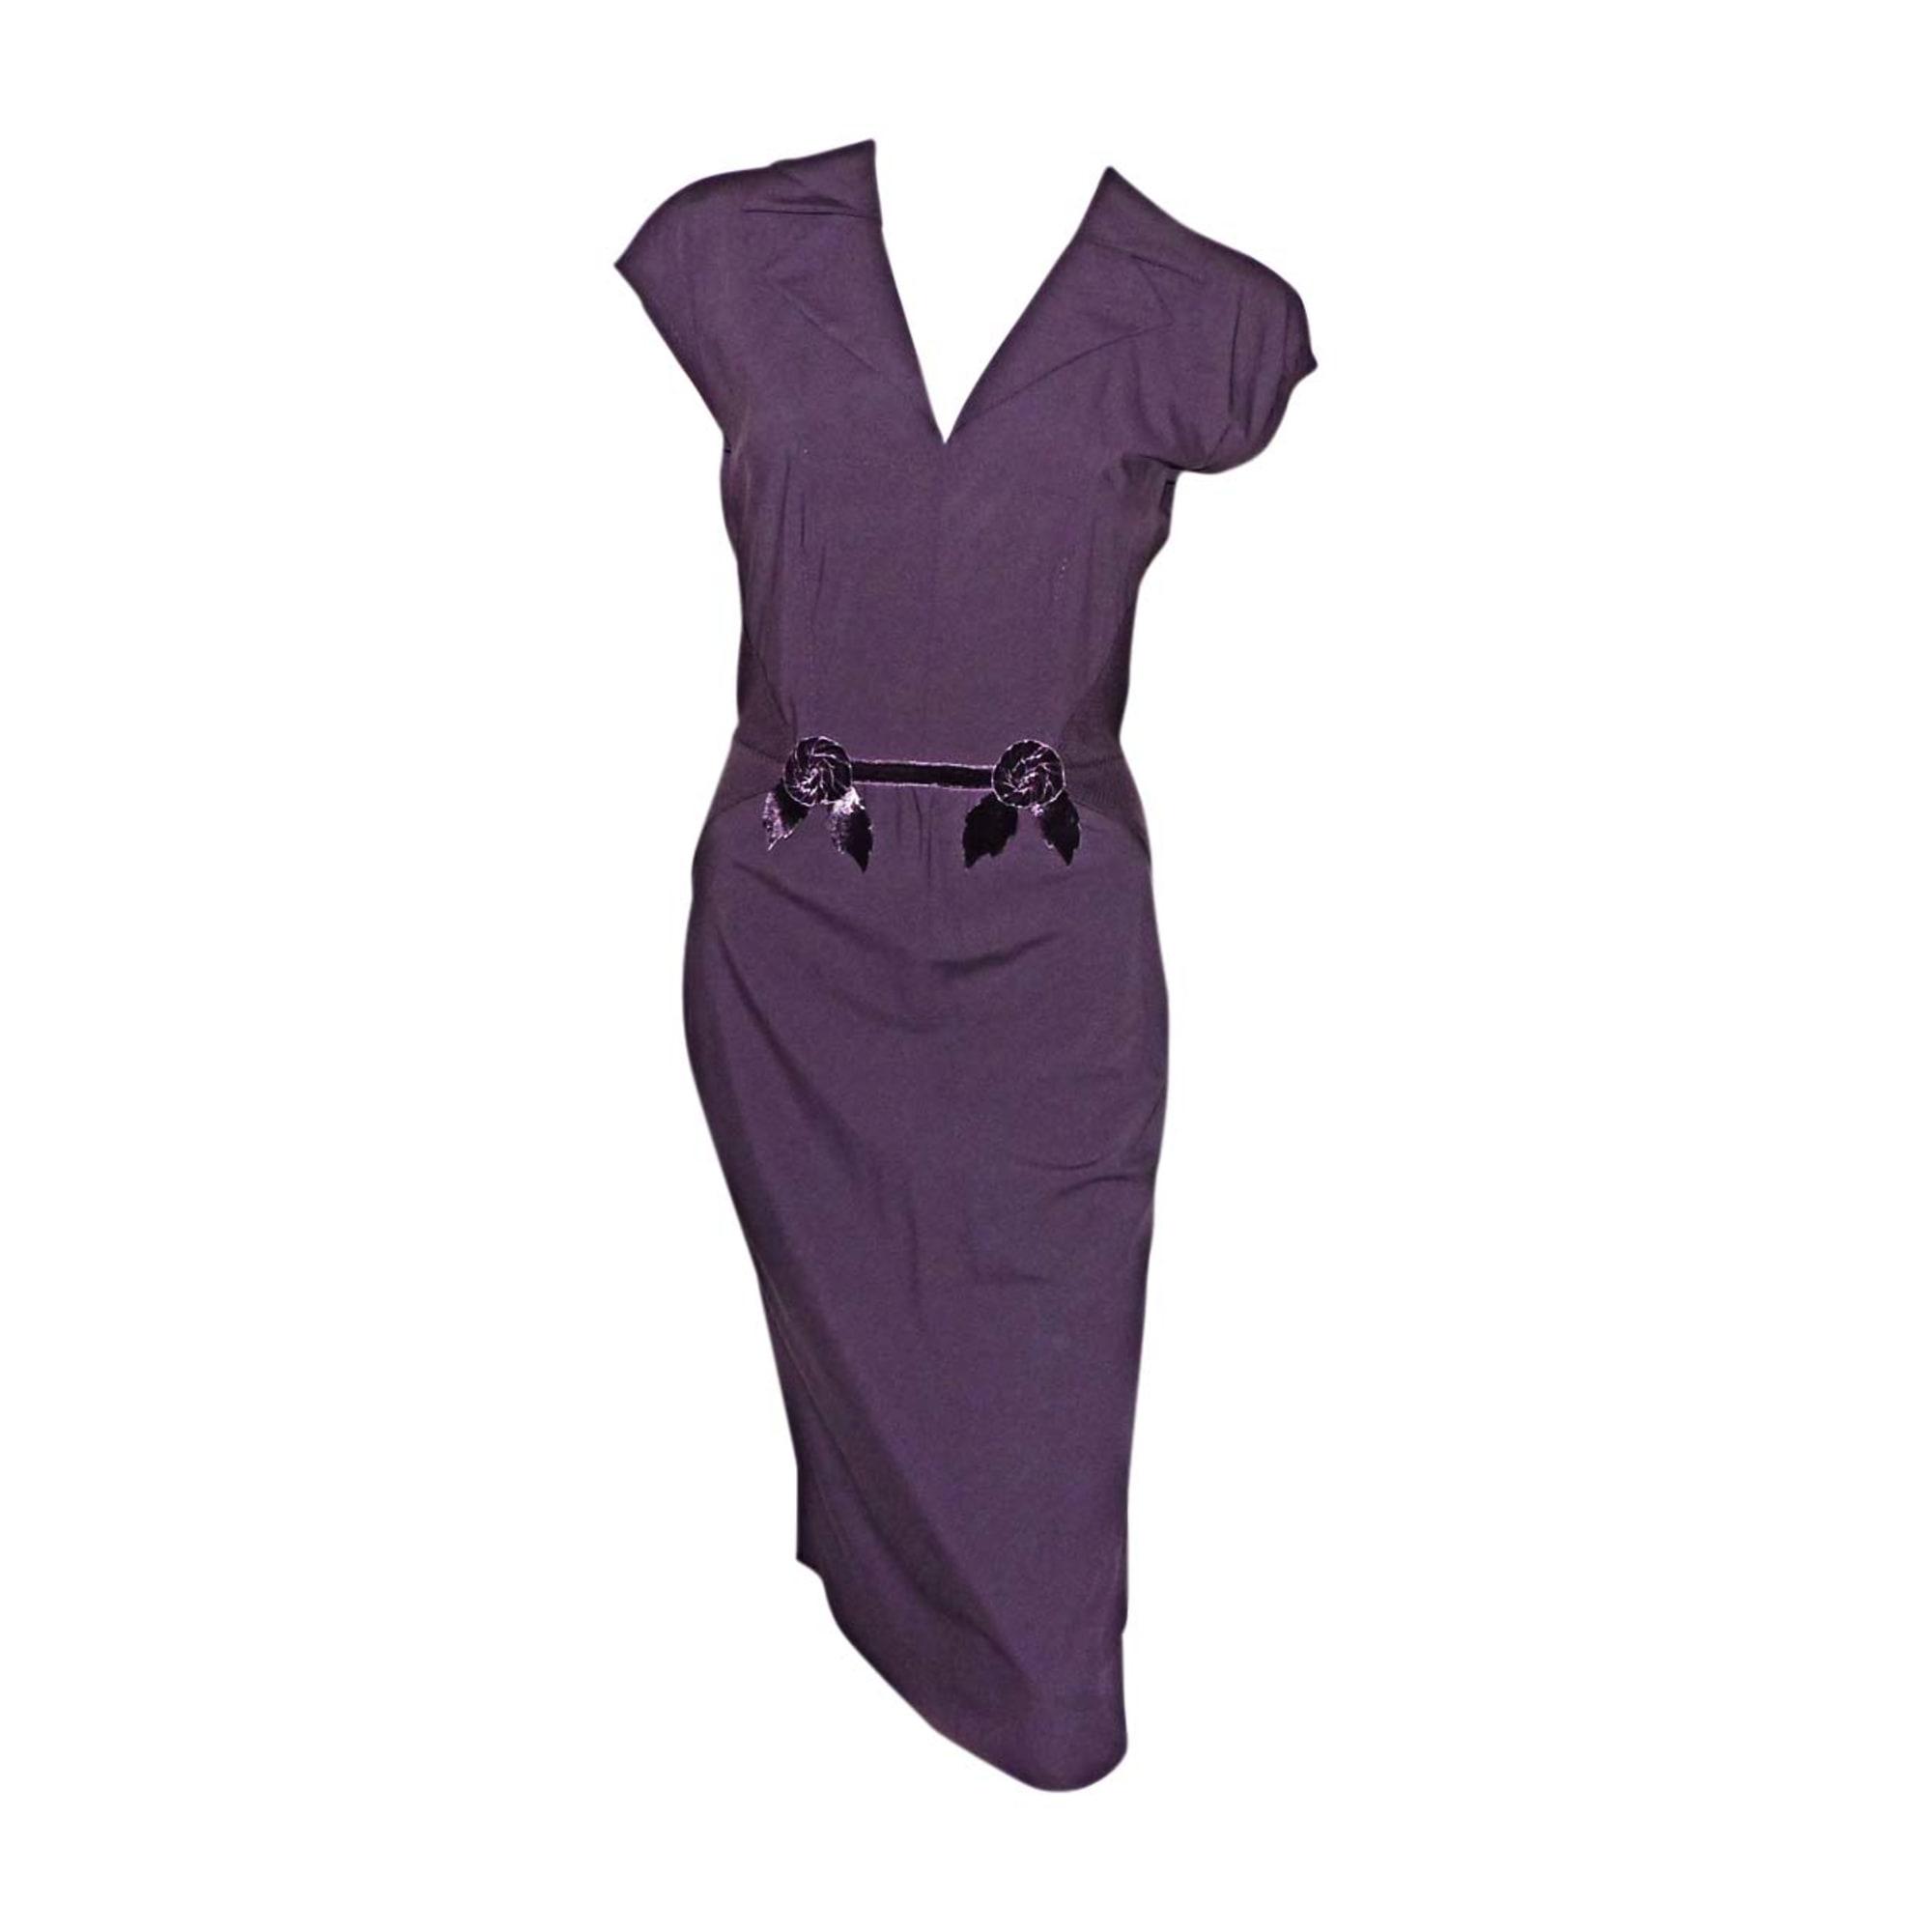 Robe mi-longue LOUIS VUITTON Violet, mauve, lavande